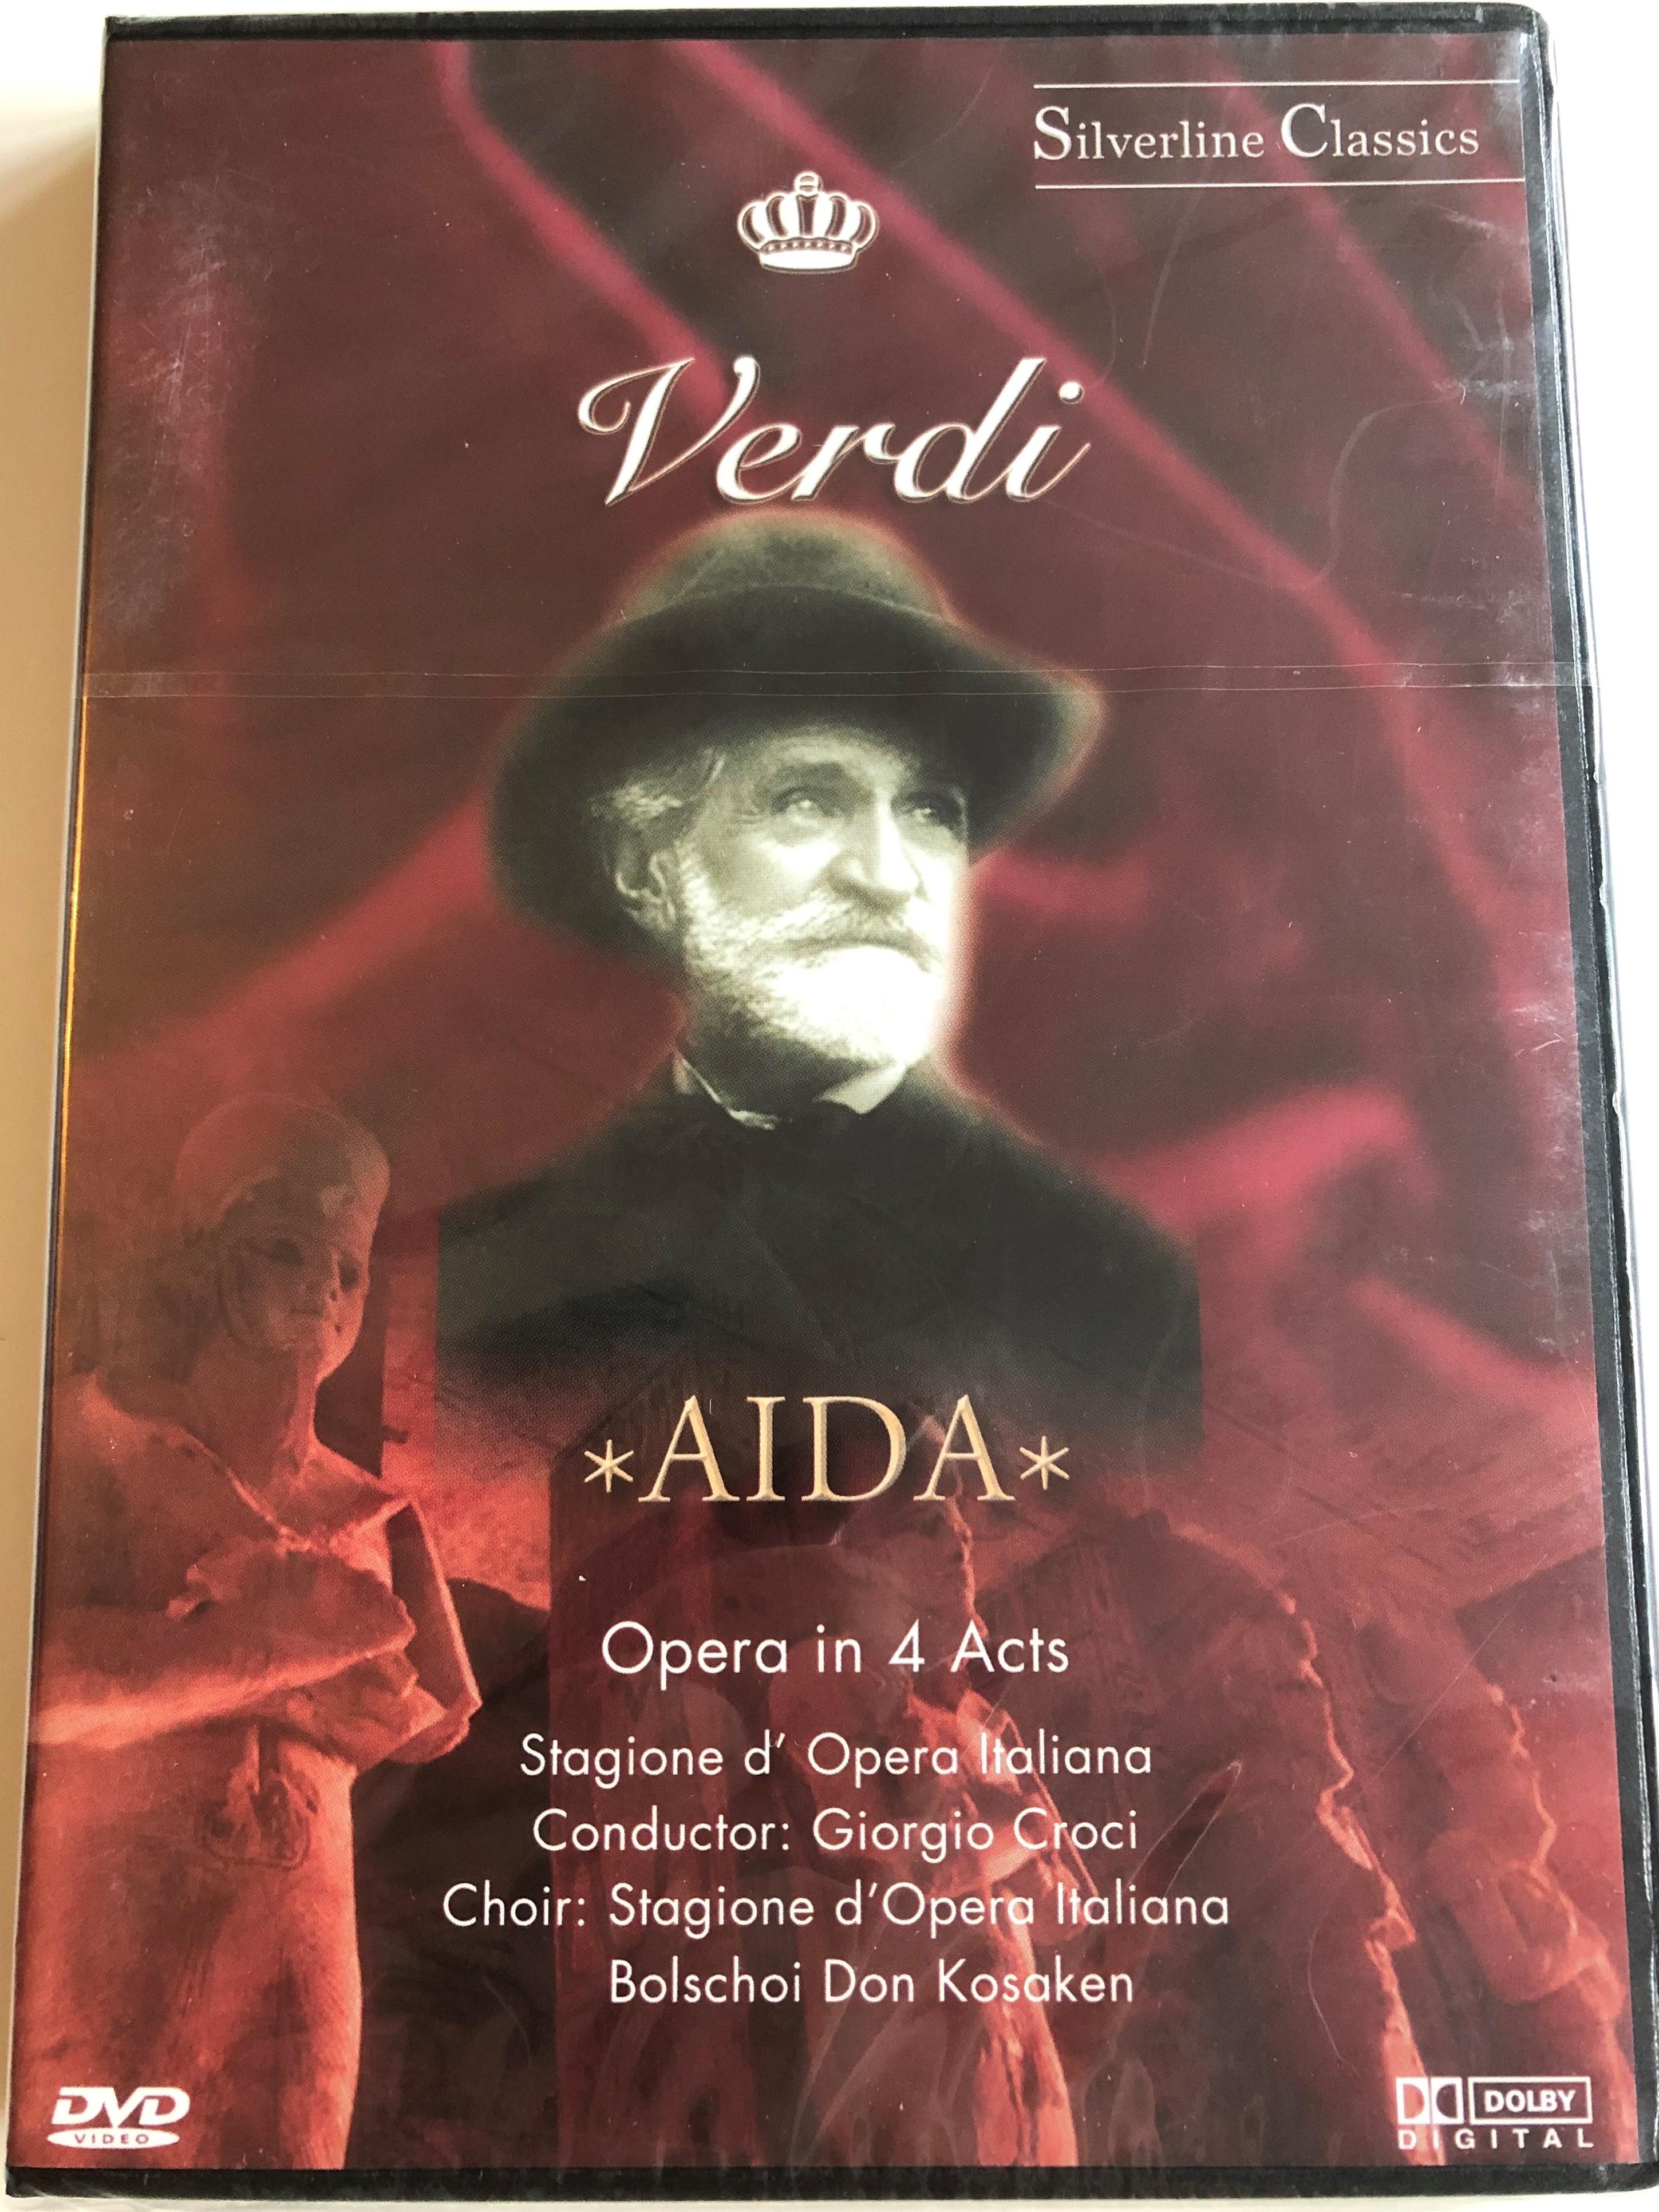 verdi-aida-opera-in-4-acts-stagione-d-opera-italiana-giorgio-croci-silverline-classics-cascade-medien-dvd-2003-80016-1-.jpg